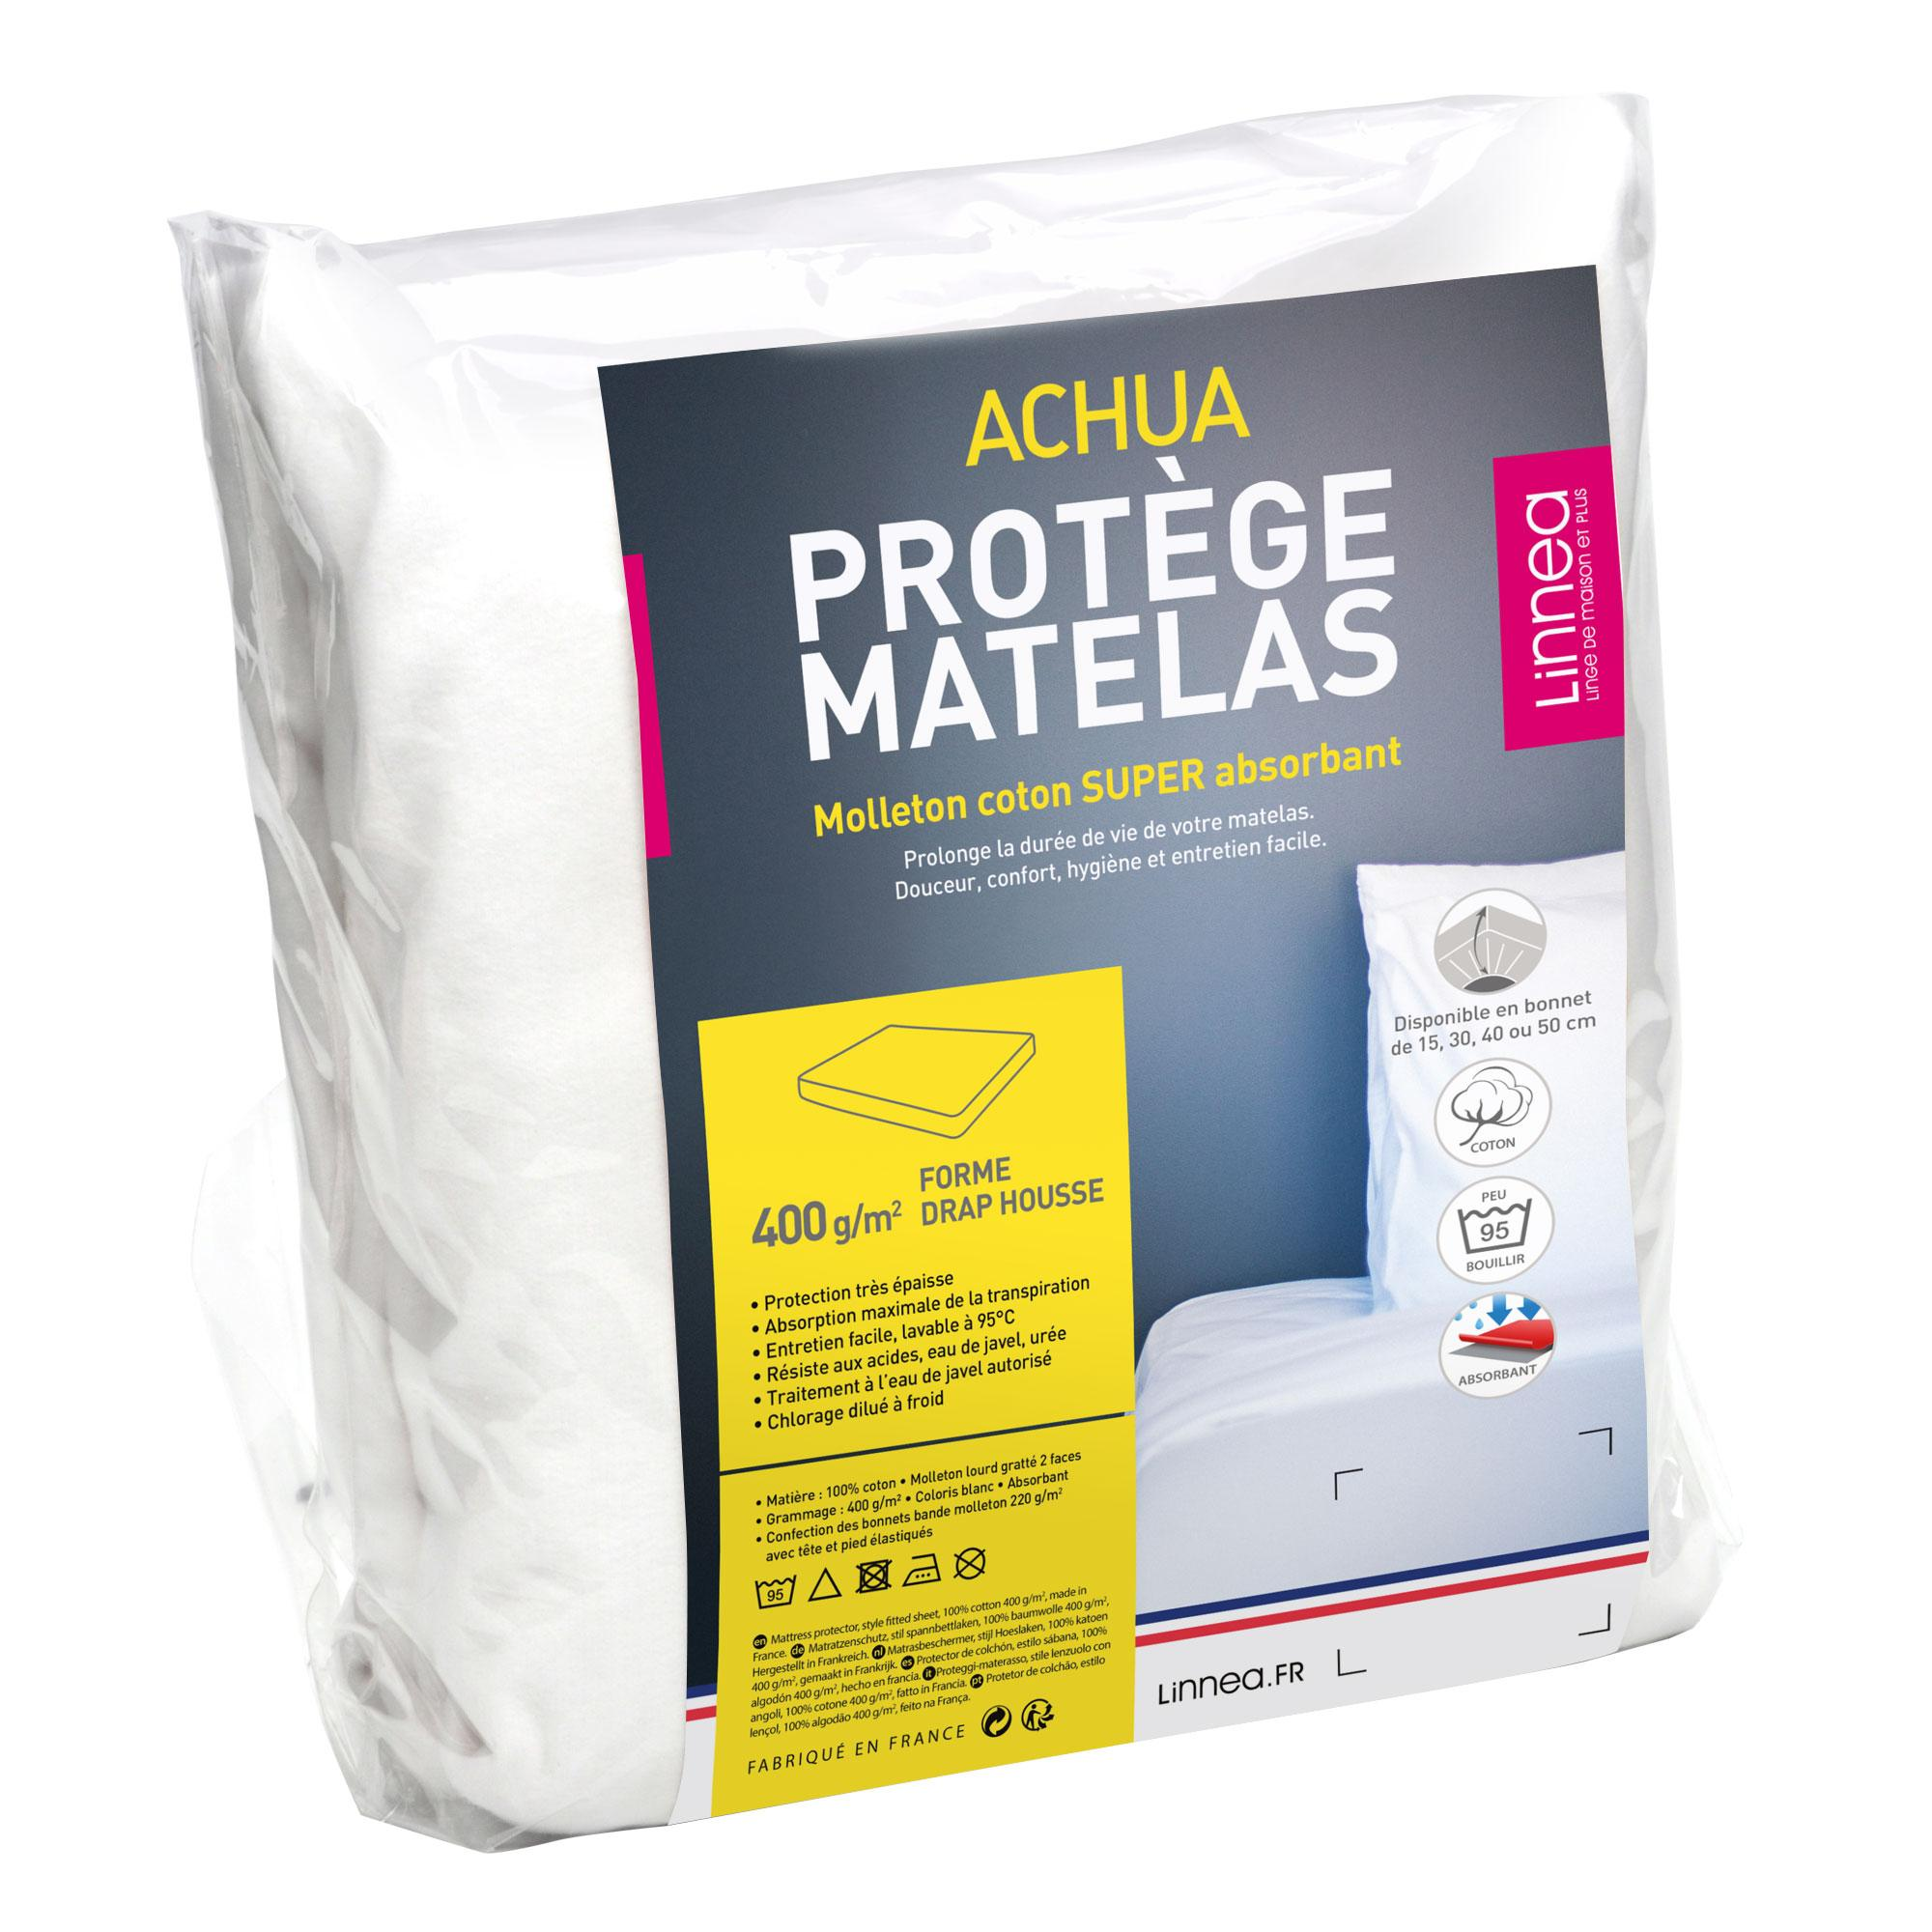 linge de lit pour matelas 180x200 Protège matelas 180x200 cm ACHUA   Molleton 100% coton 400 g/m2  linge de lit pour matelas 180x200